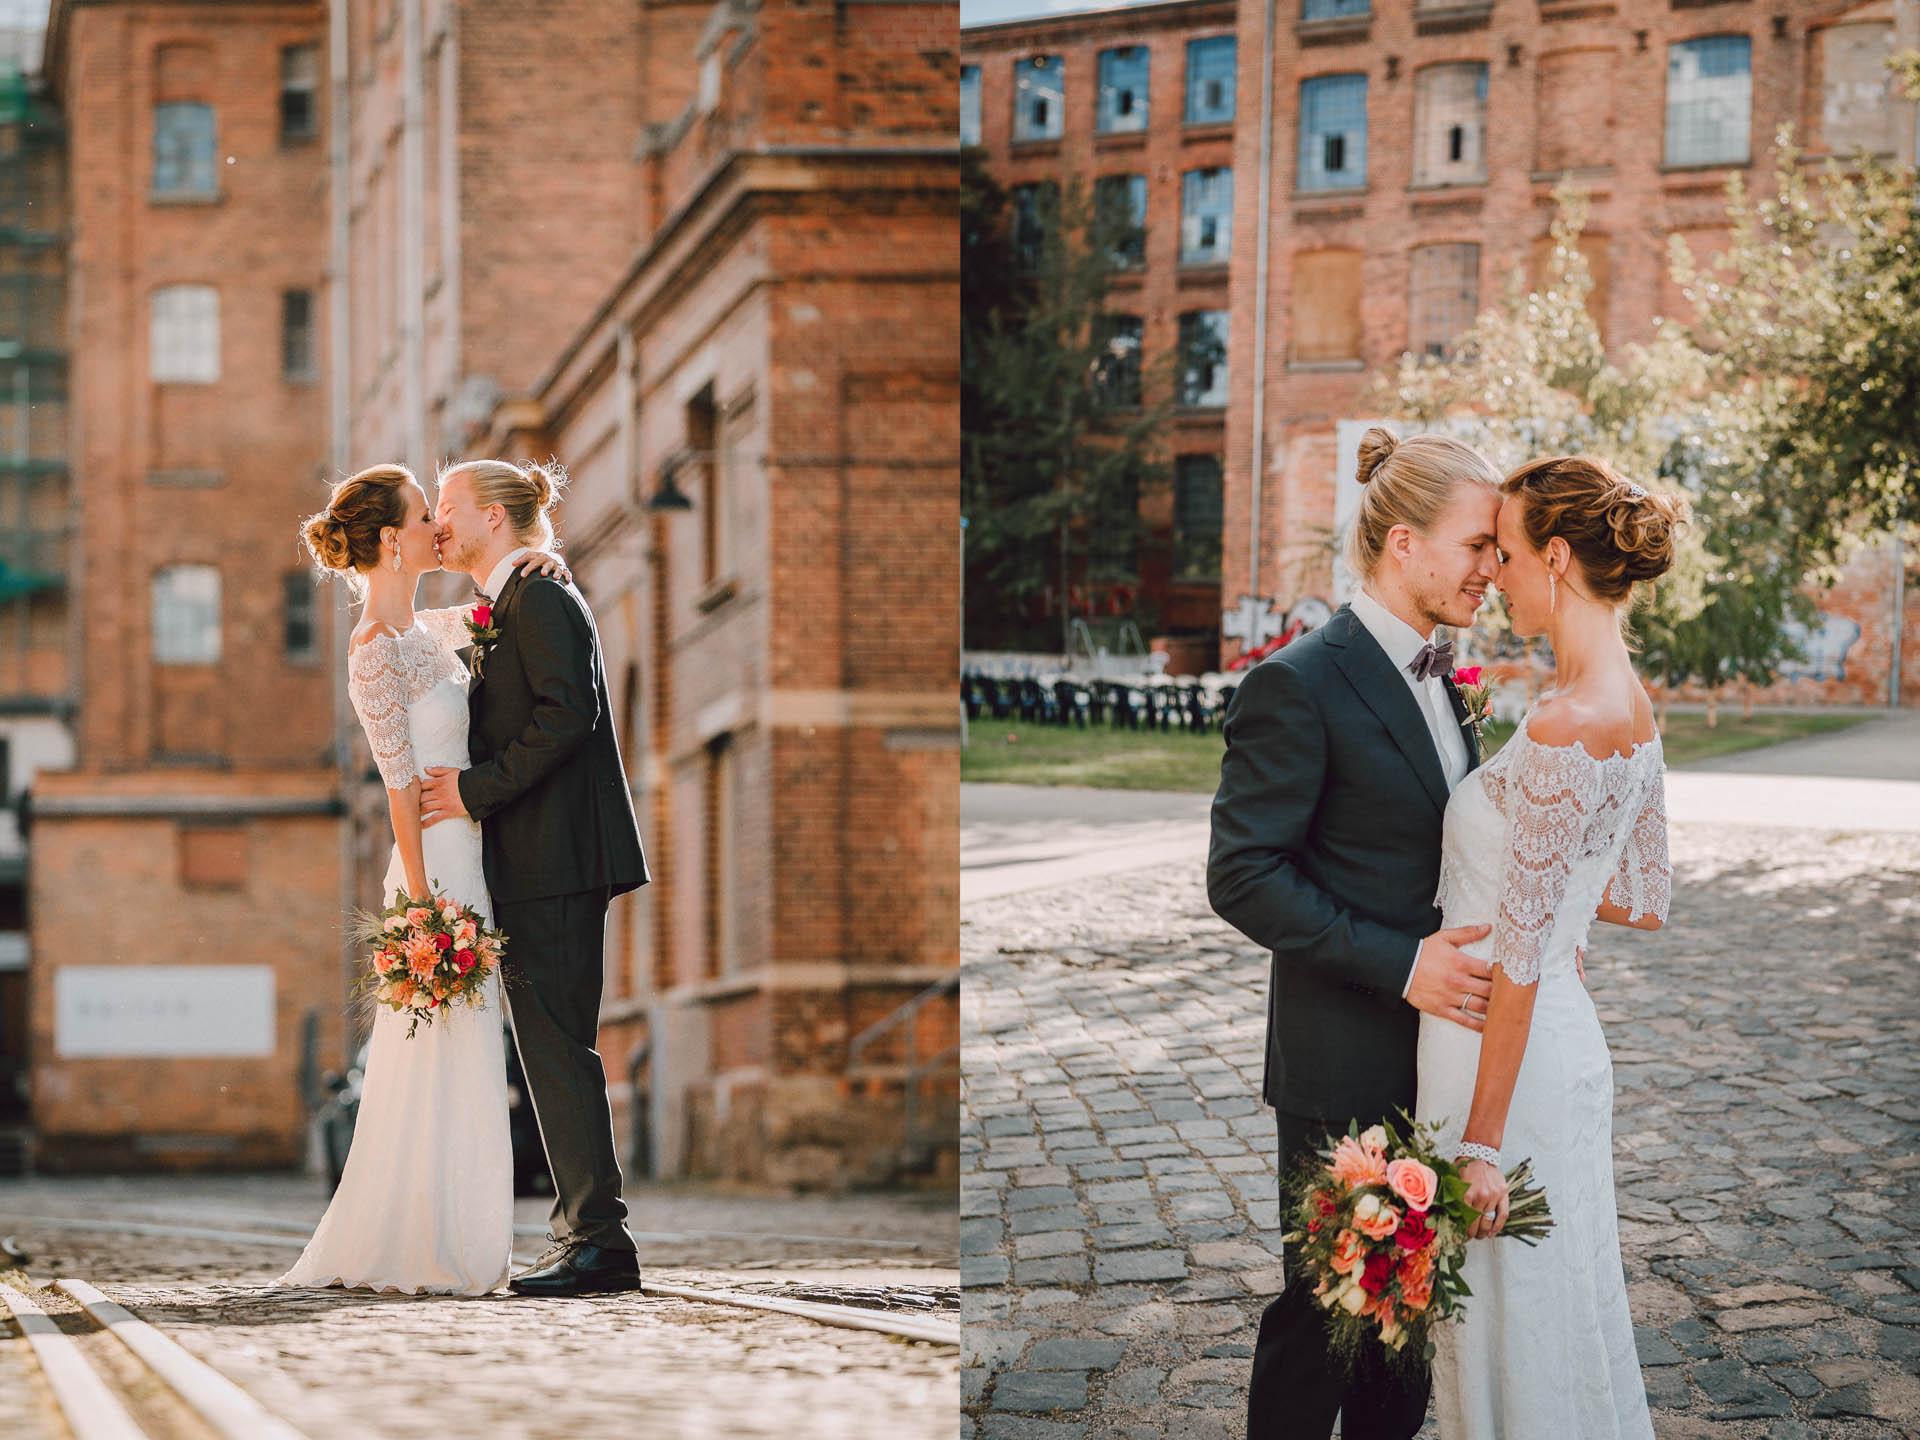 Brautpaar küsst sich auf Shabby Chic Fabrikgelände